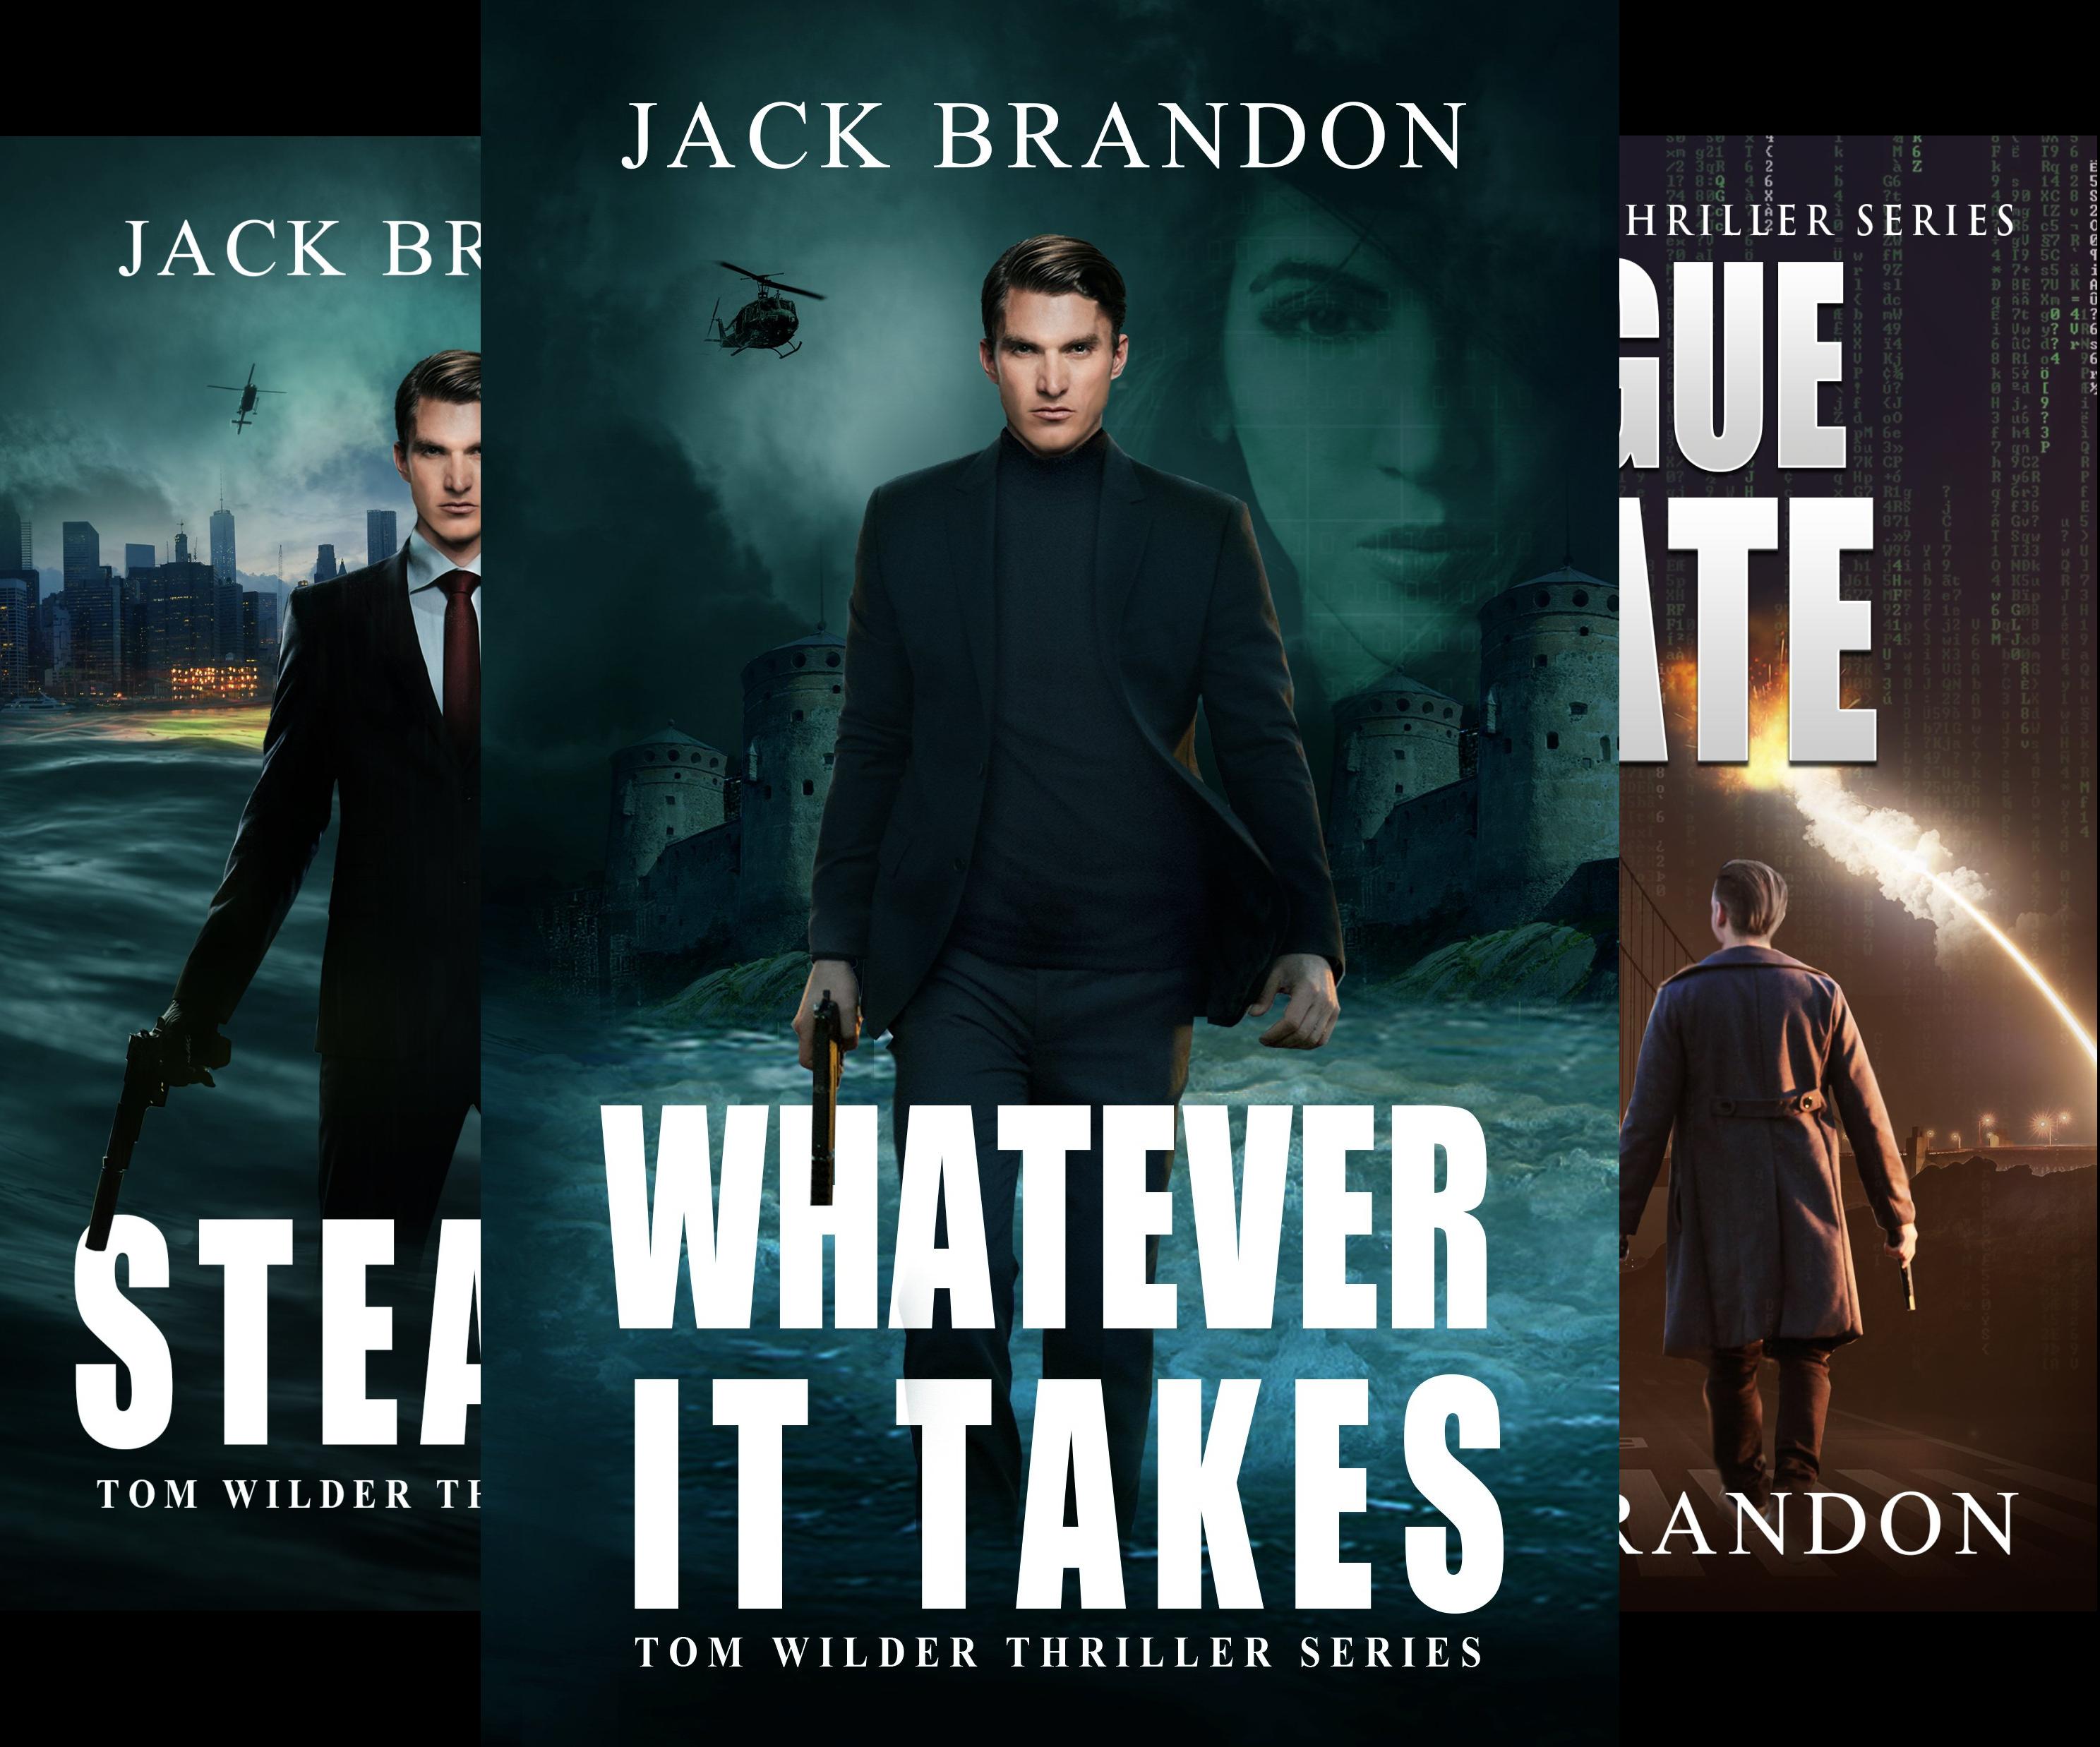 Tom Wilder Thriller Series (3 Book Series)